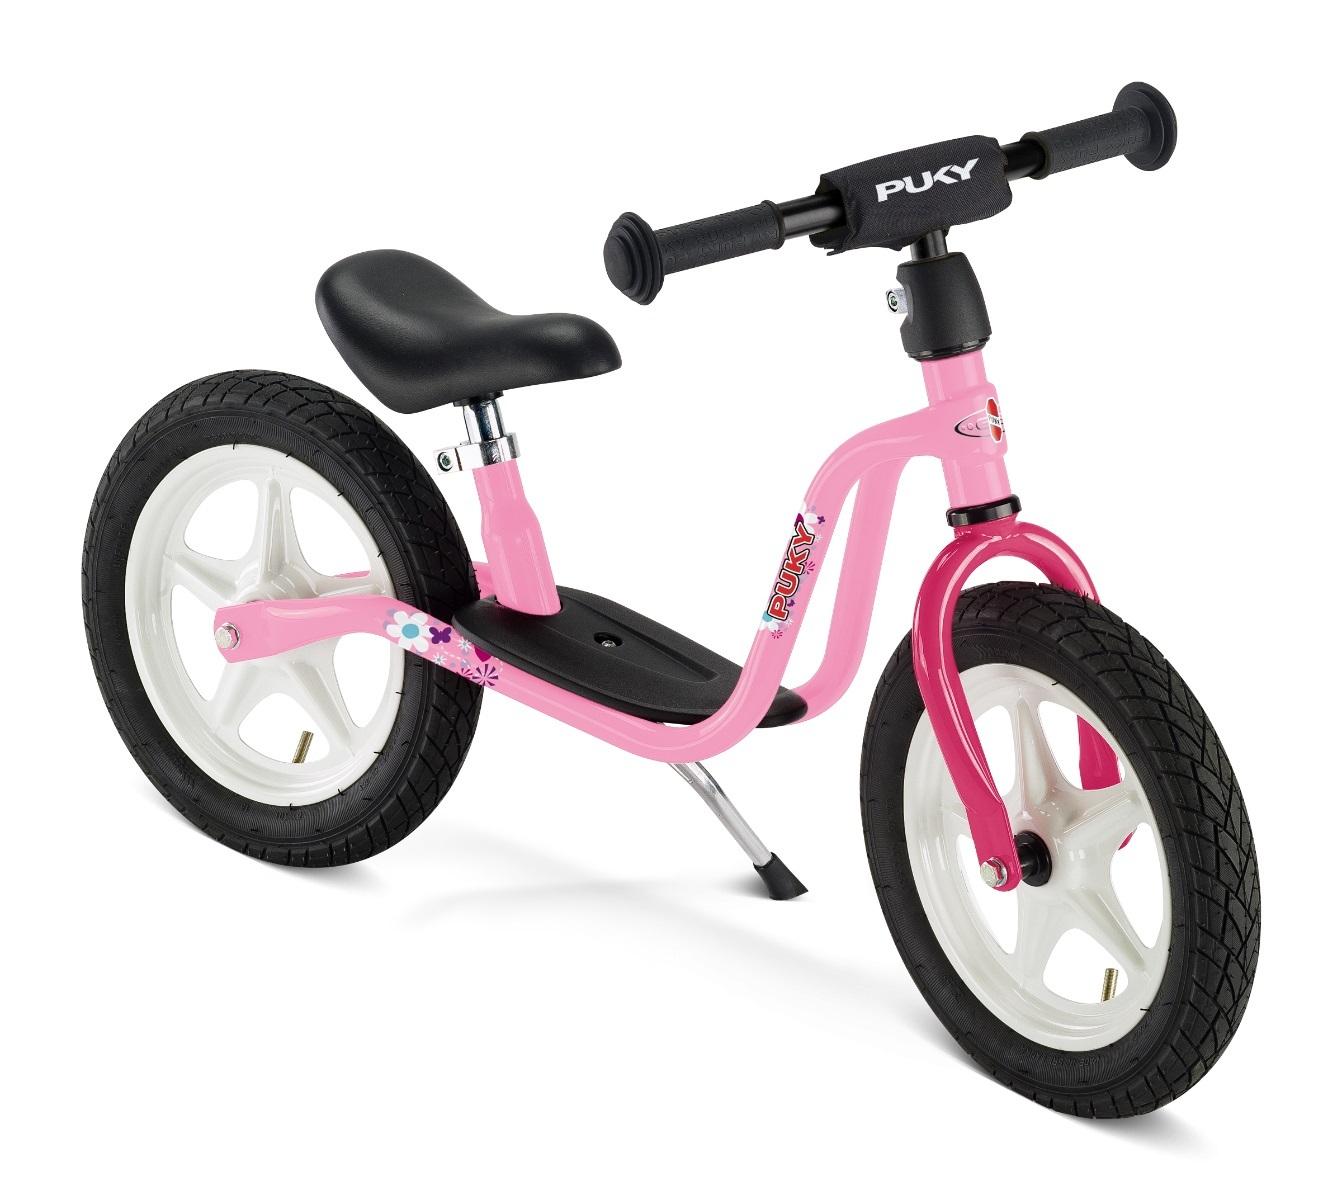 PUKY Odrážadlo Learner Bike Standard LR 1L rose/pink